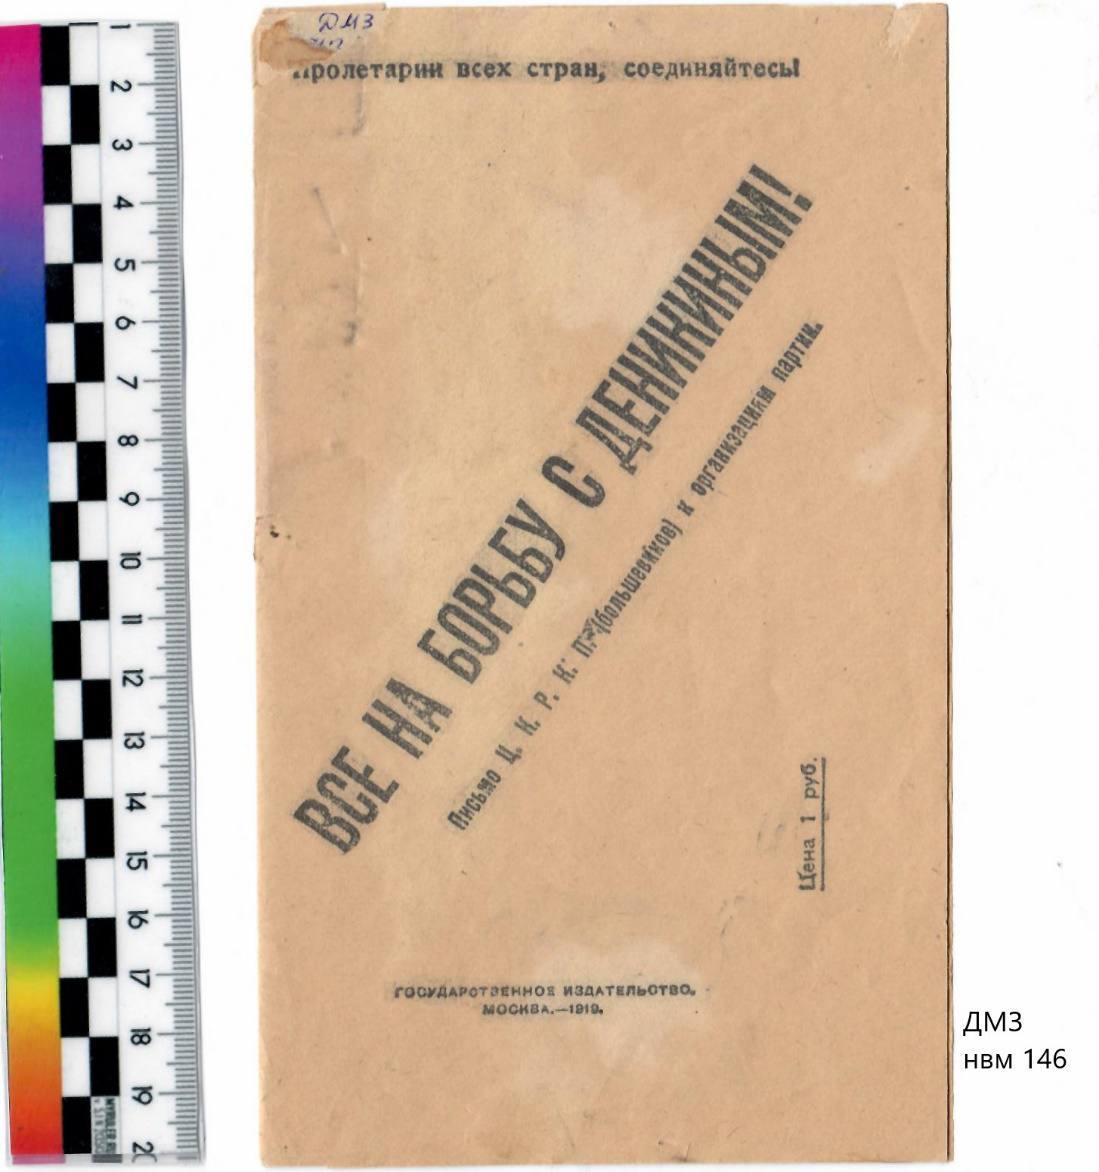 Листовка как исторический источник